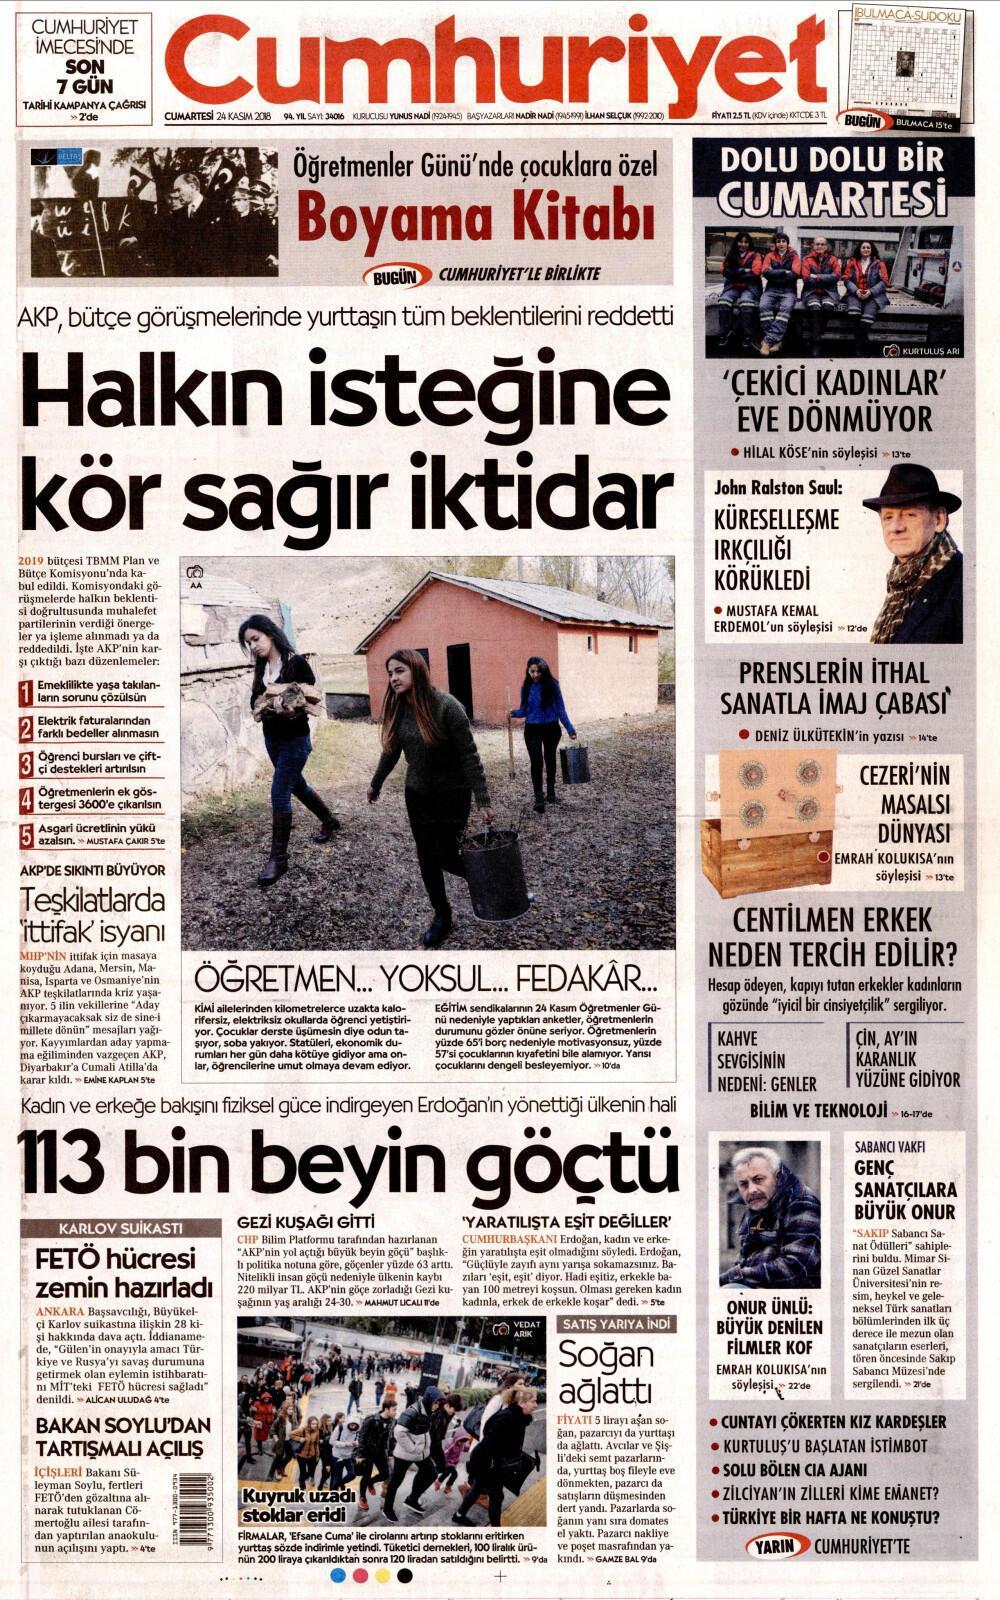 24 Kasım 2018 Gazete Manşetleri